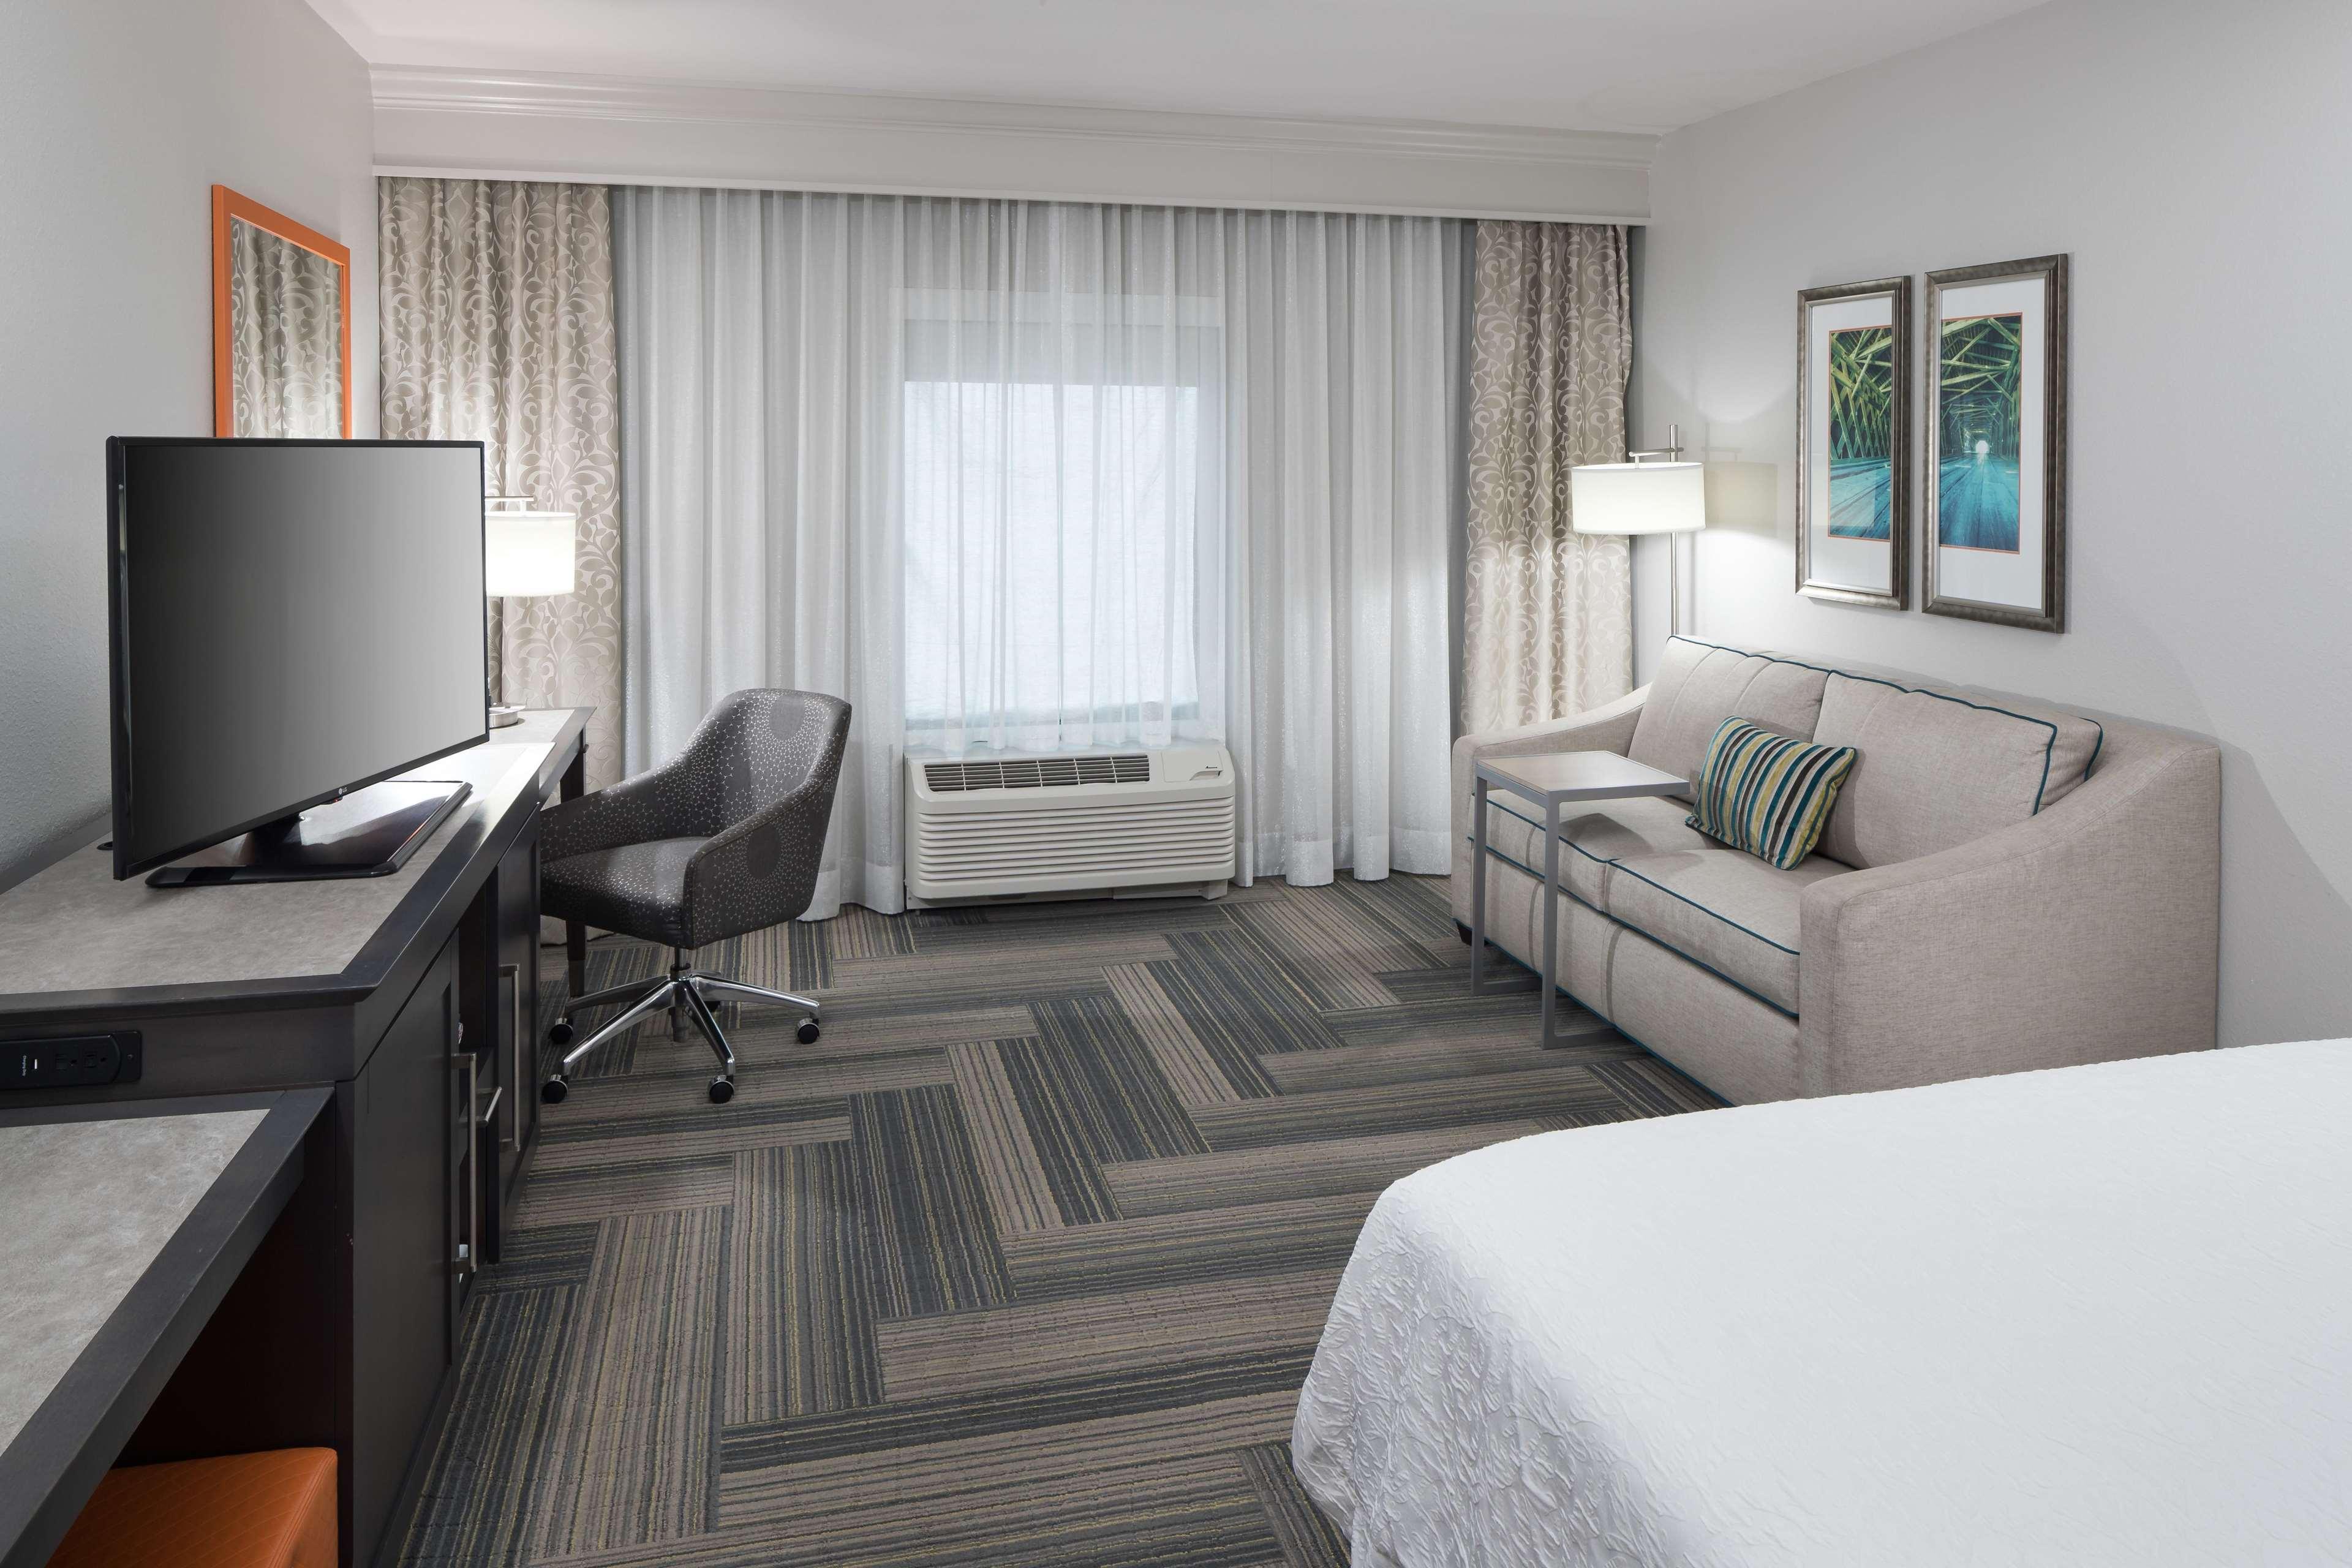 Hampton Inn & Suites by Hilton Atlanta Perimeter Dunwoody image 18